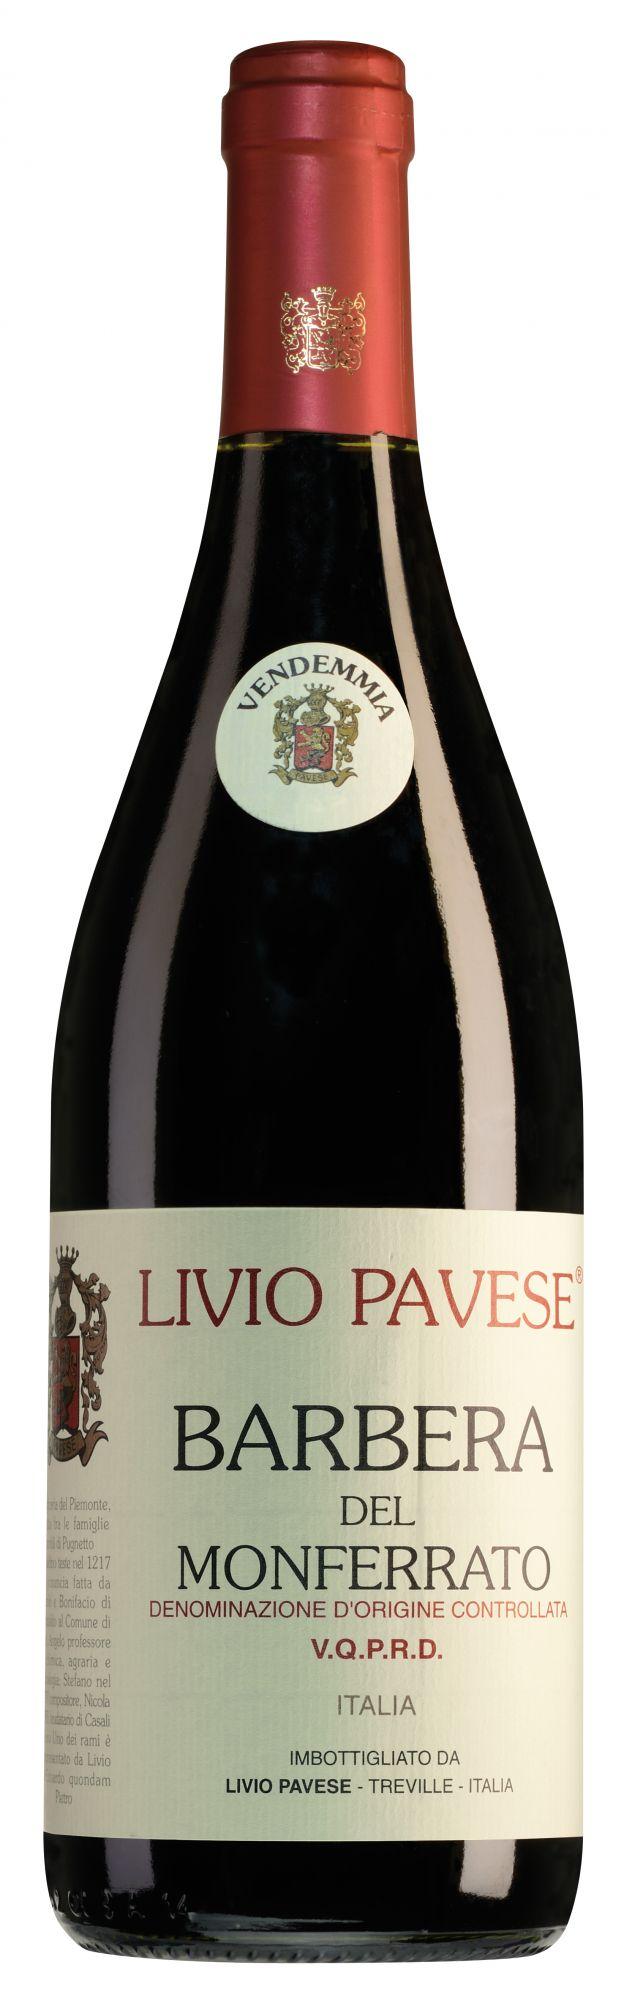 Livio Pavese Barbera del Monferrato